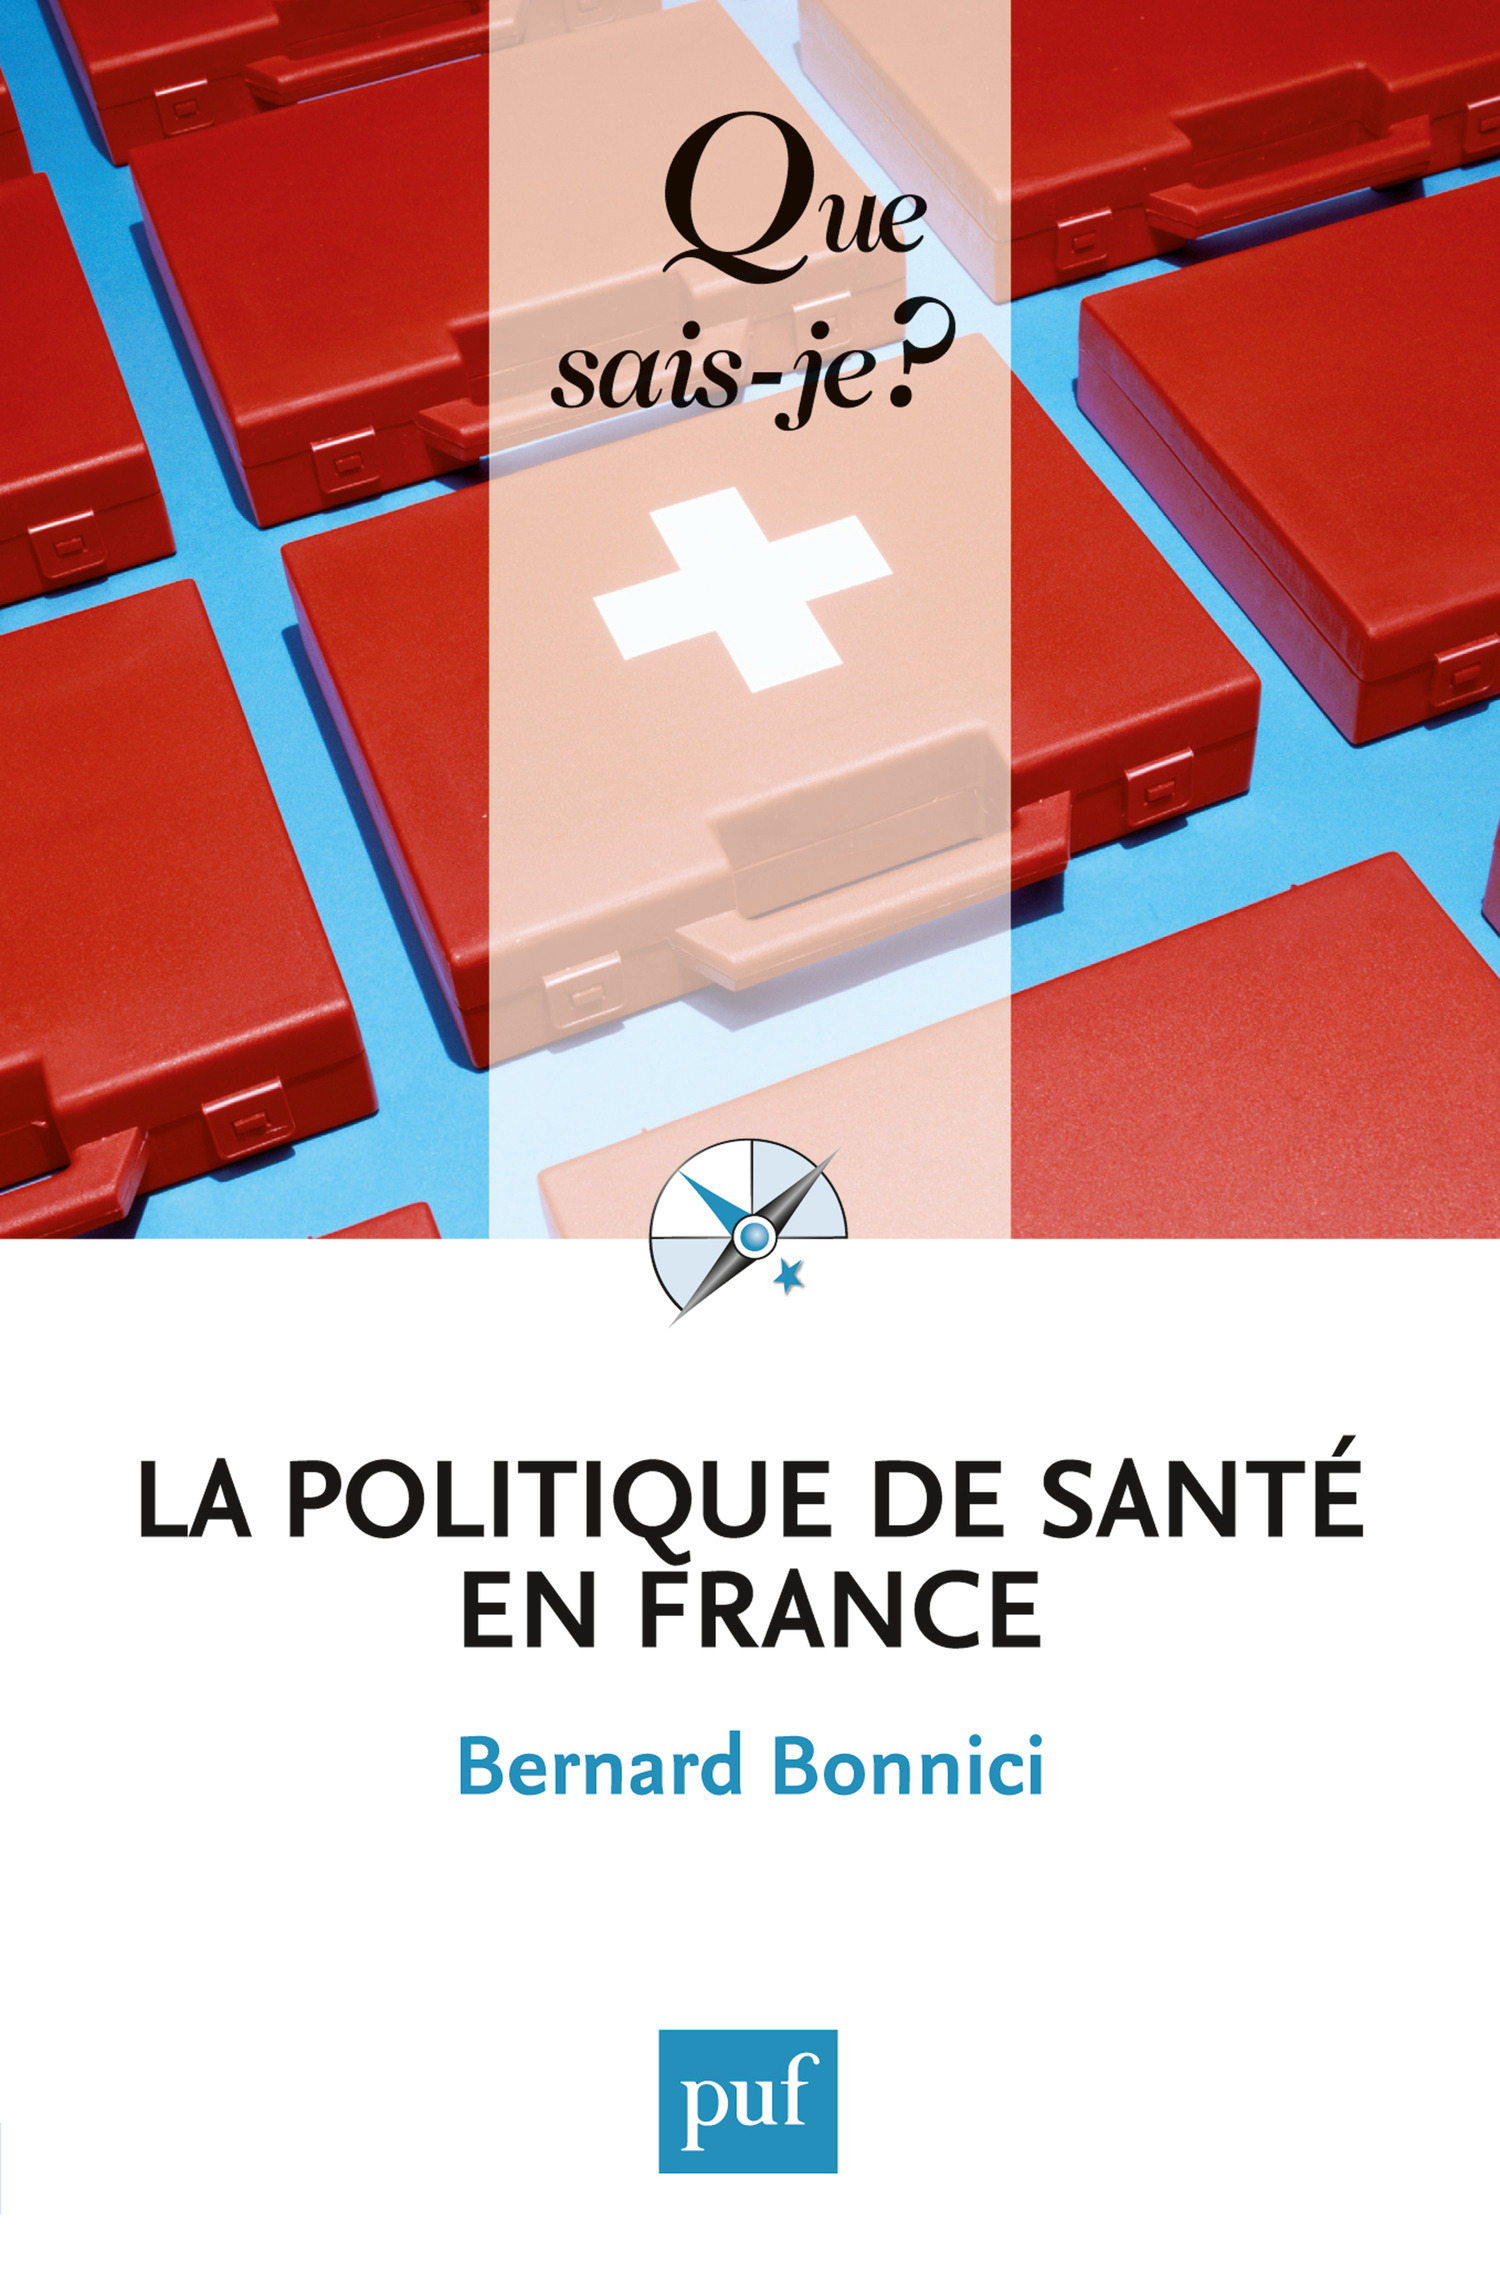 La politique de santé en France (6e édition)